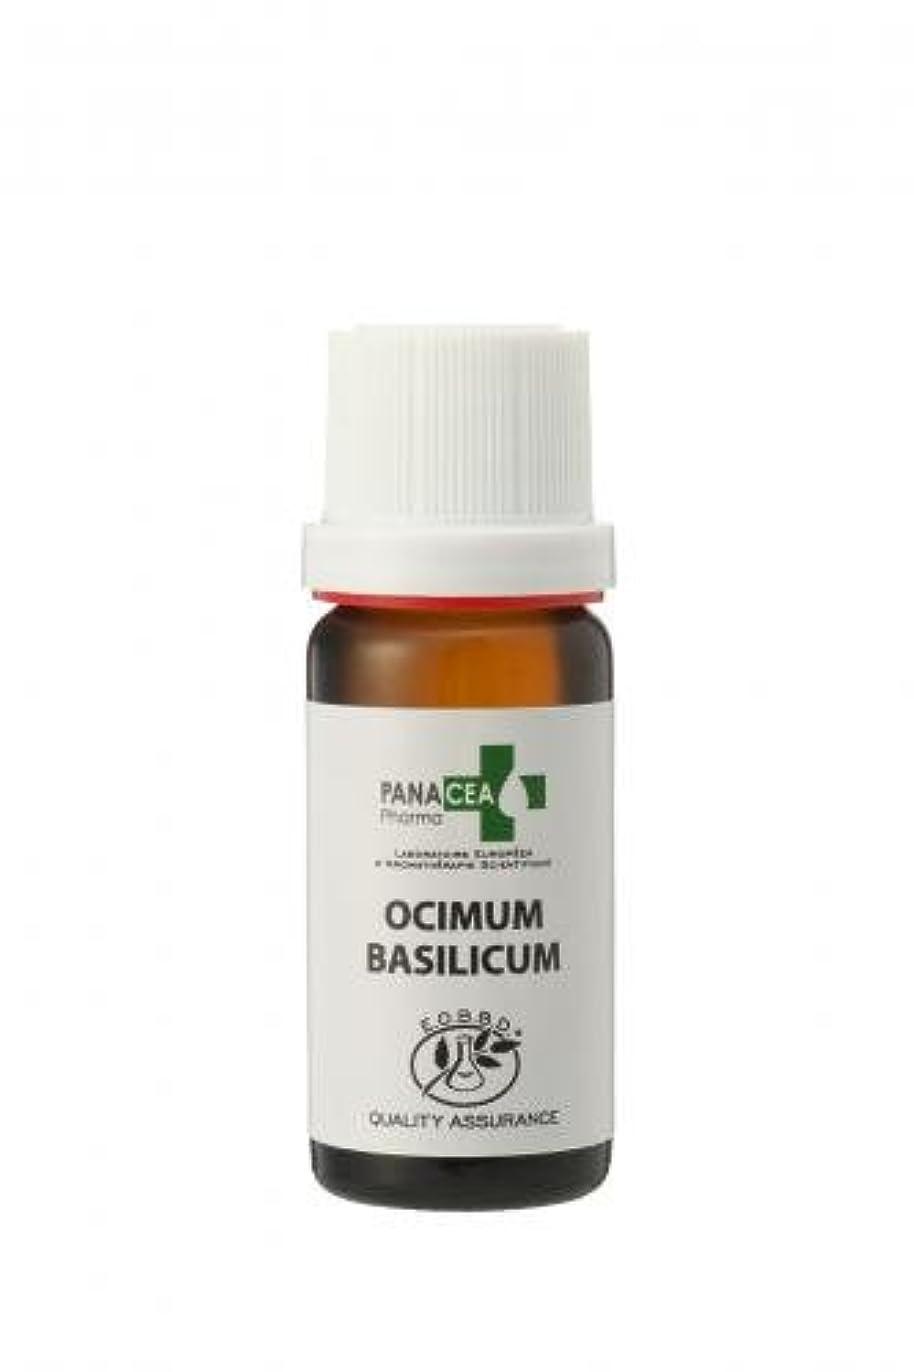 アラバマフォージ露出度の高いバジル メチルカビコール (Ocimum basilicum) 10ml エッセンシャルオイル PANACEA PHARMA パナセア ファルマ